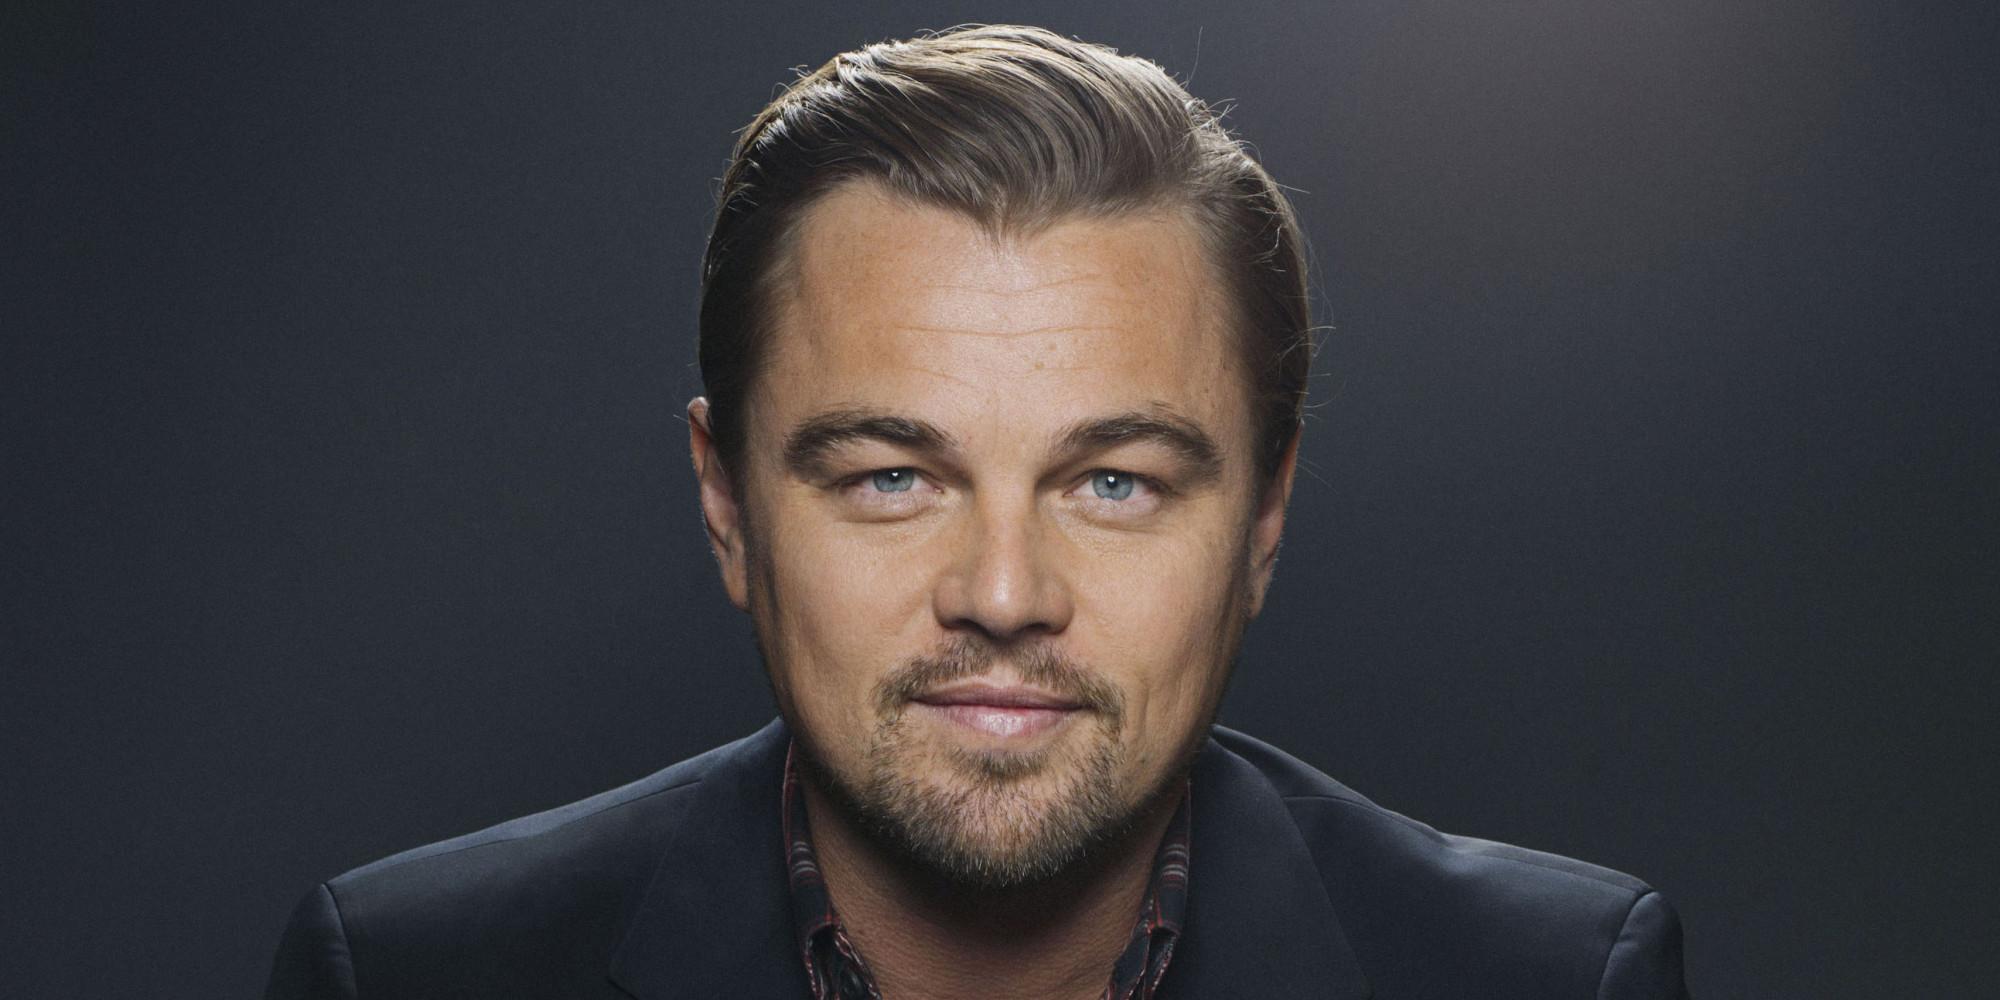 Leonardo DiCaprio Named UN Leonardo Dicaprio